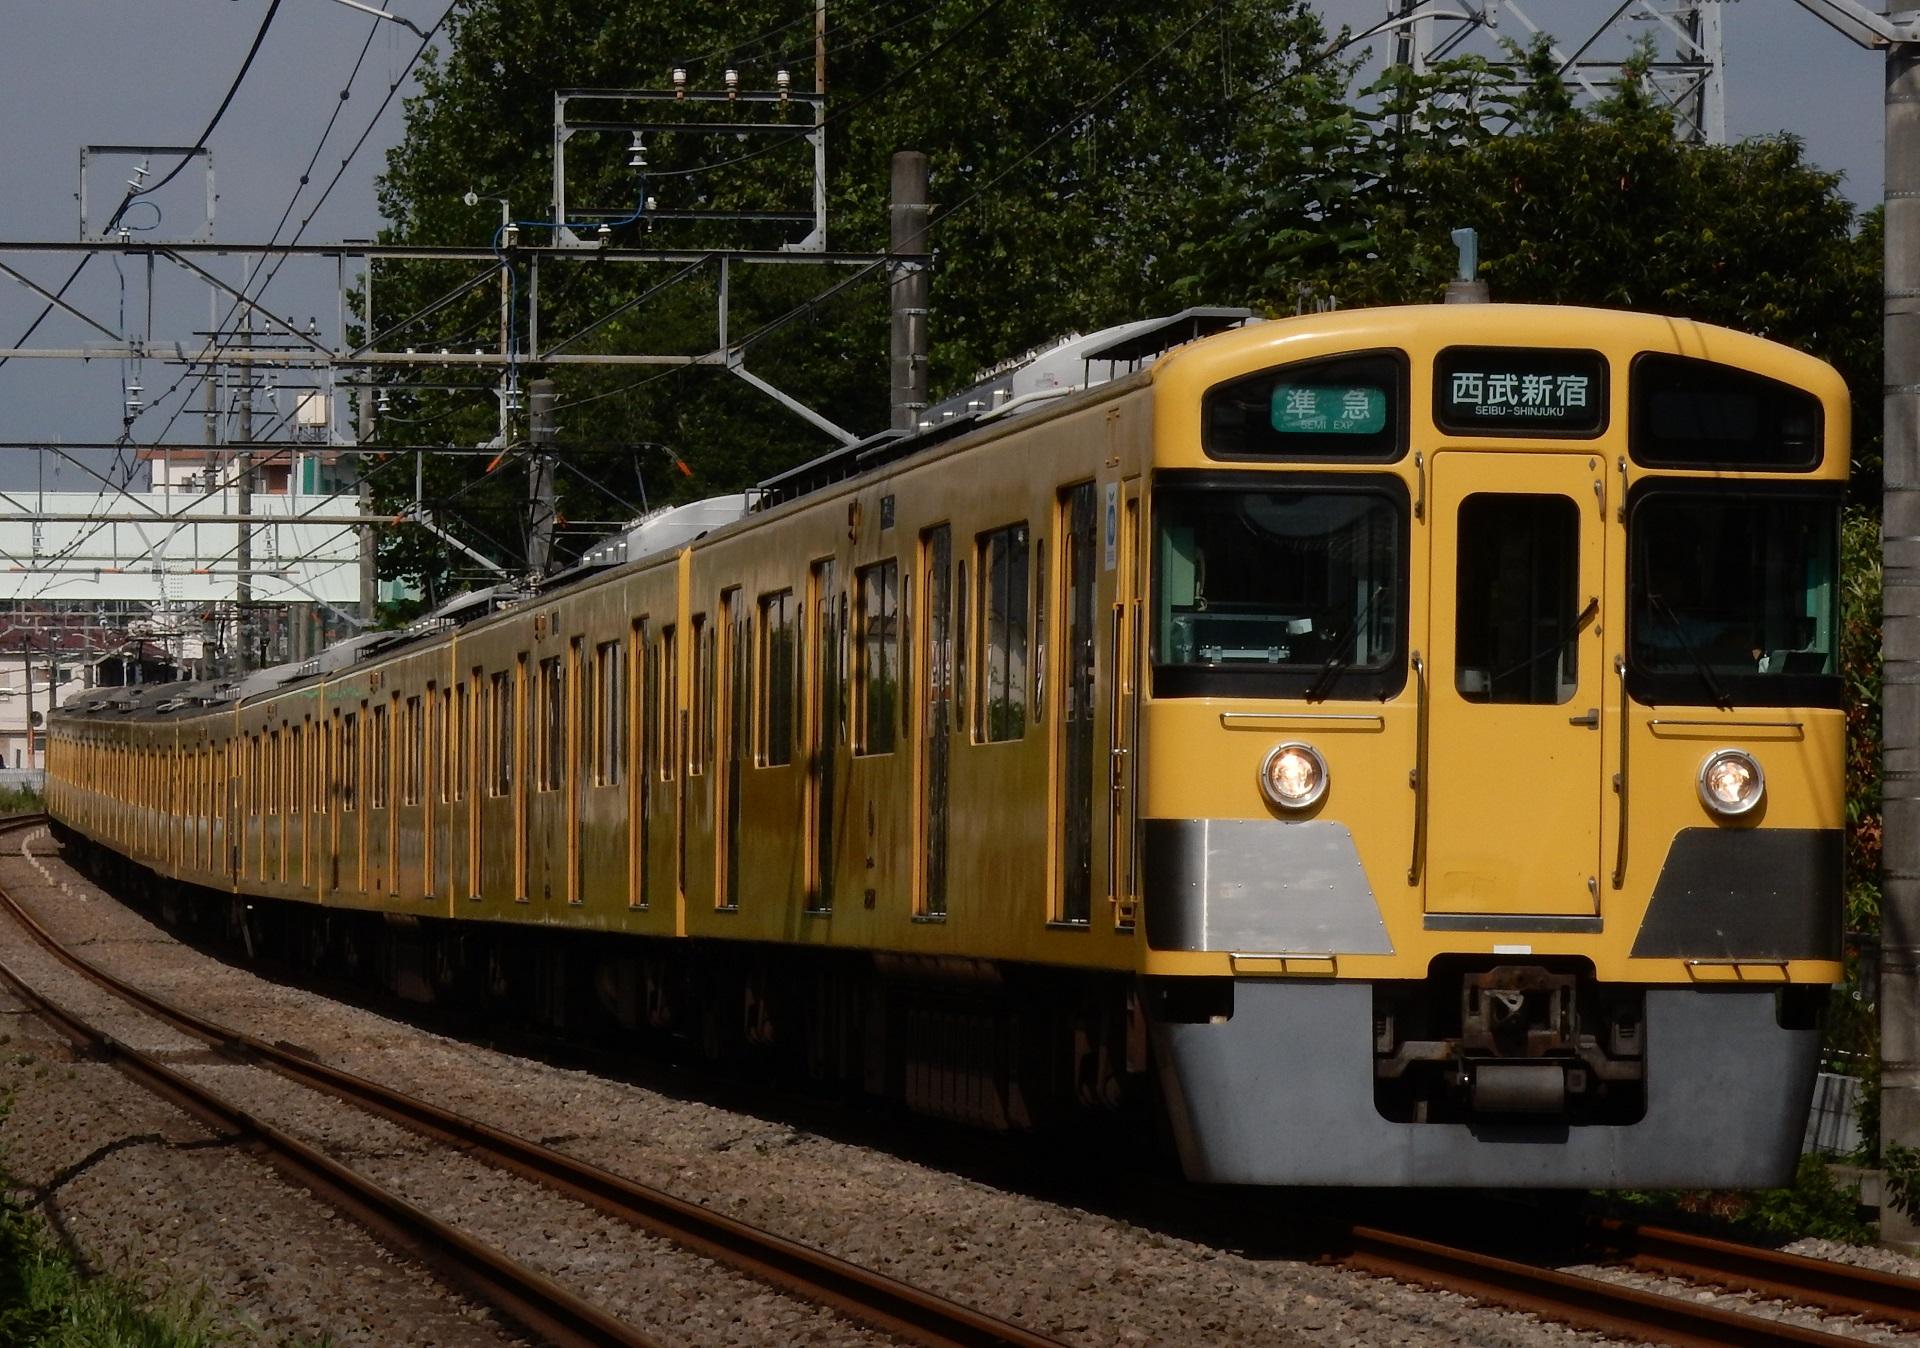 DSCN4943 - コピー